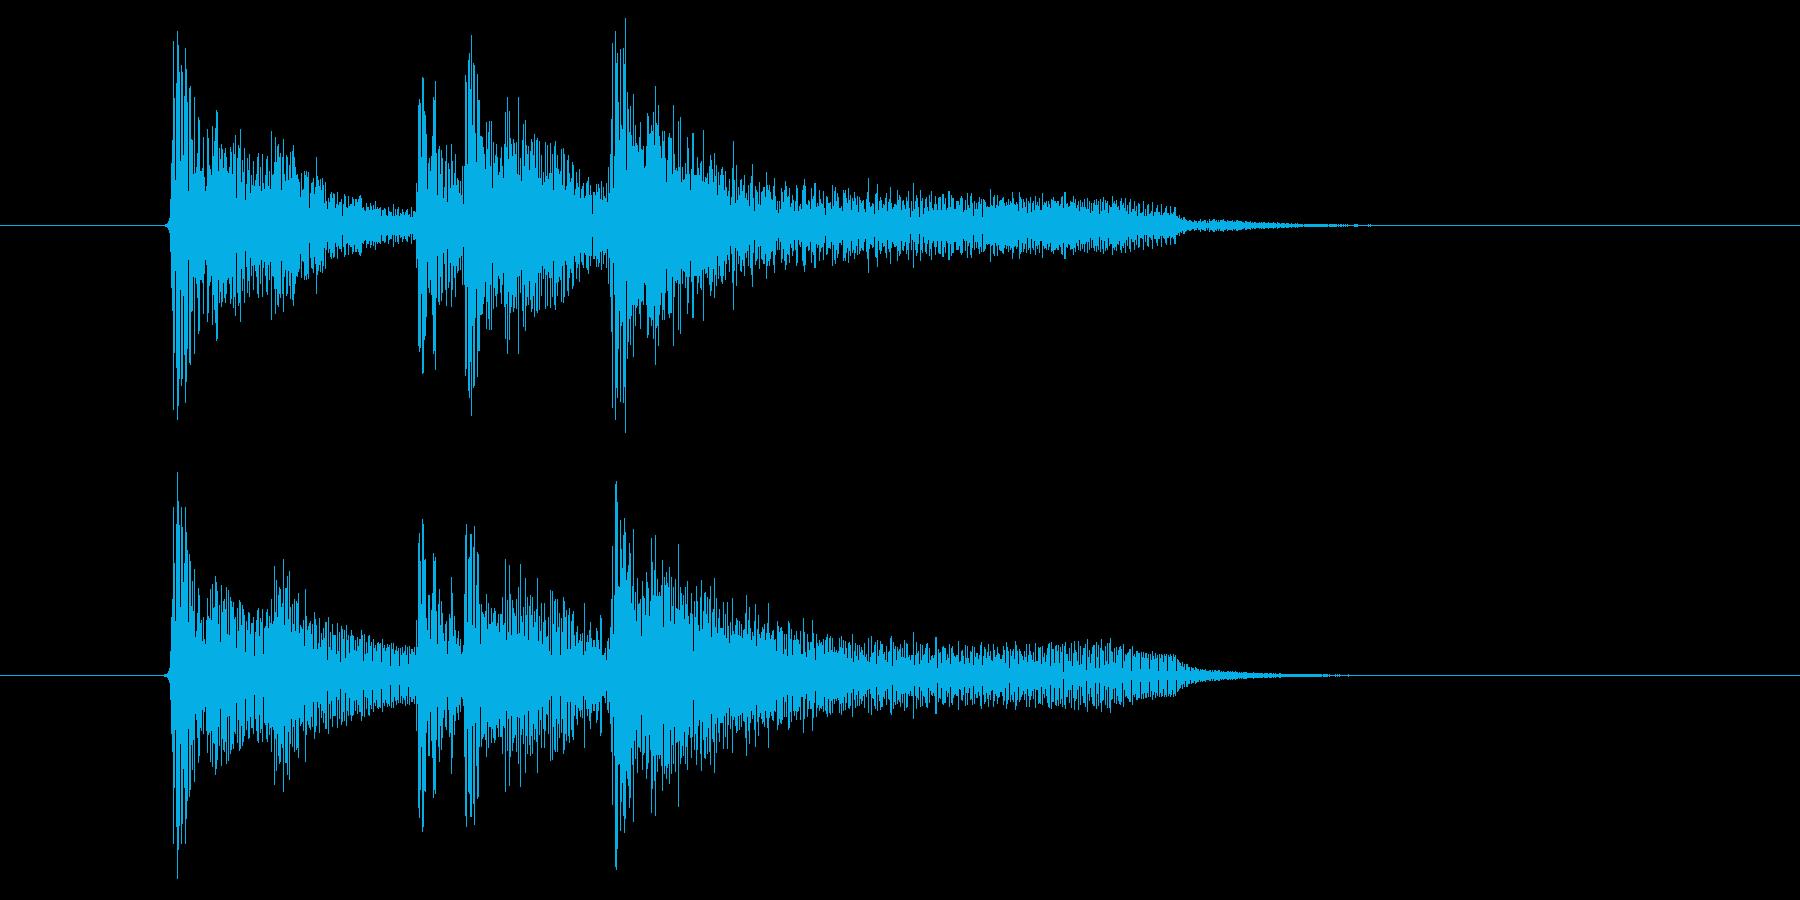 おしゃれでジャジーな打楽器ピアノサウンドの再生済みの波形